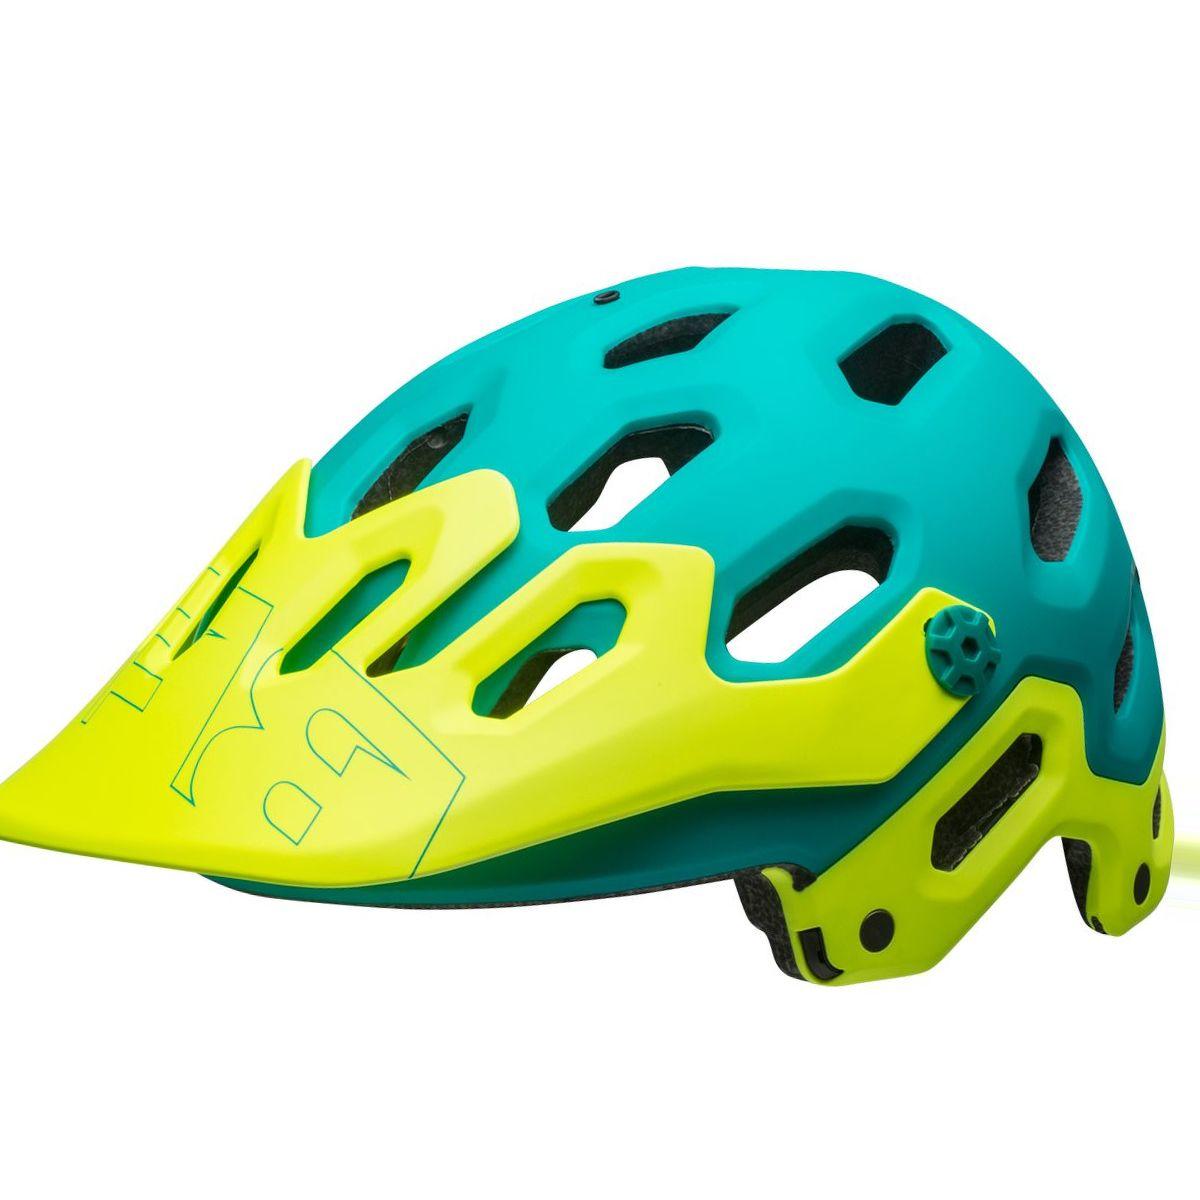 Bell Super 3 MIPS Helmet - Men's